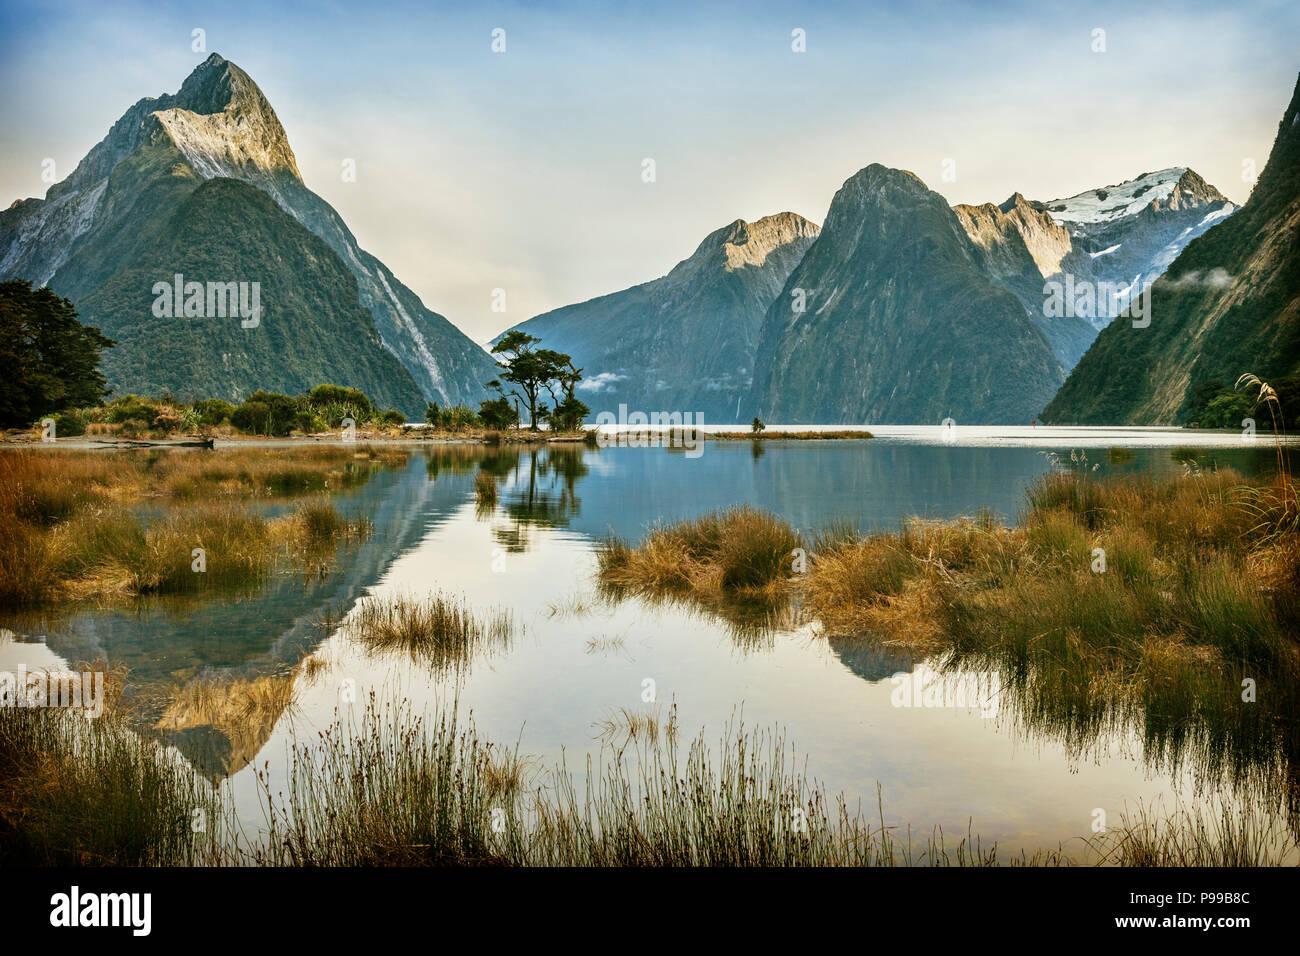 Mitre Peak, Milford Sound, Fiordland National Park, Nouvelle-Zélande. Célèbre Milford Sound est une icône de la Nouvelle-Zélande et du patrimoine mondial de l'UNESCO, Photo Stock